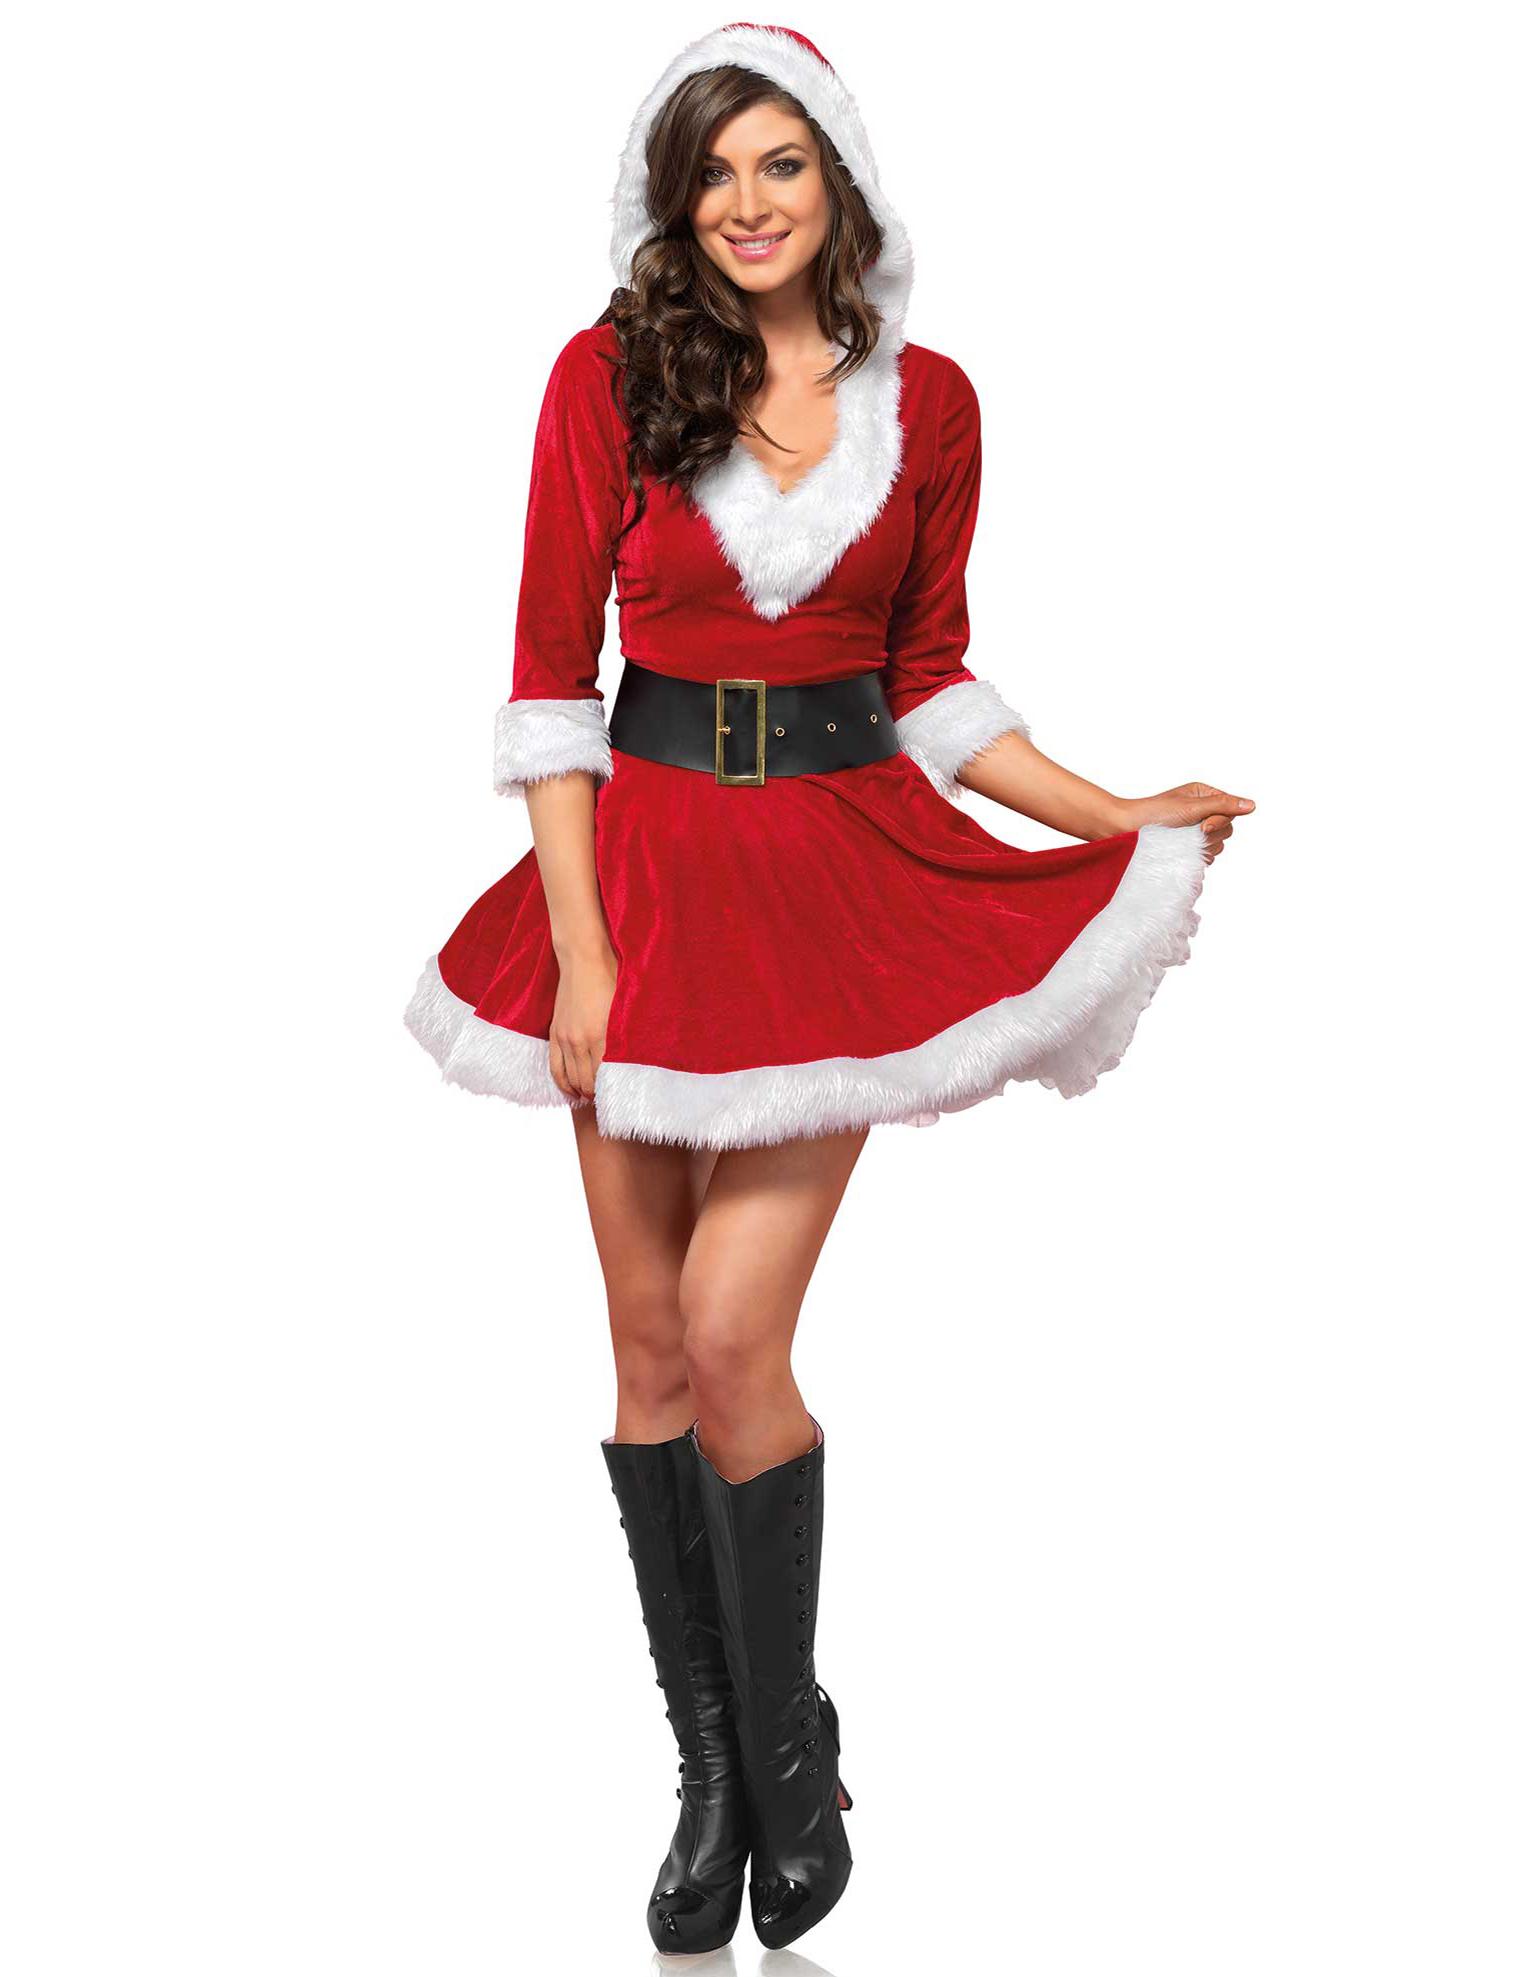 Déguisement robe courte rouge femme Noël   Deguise-toi, achat de ... 184723959ebc